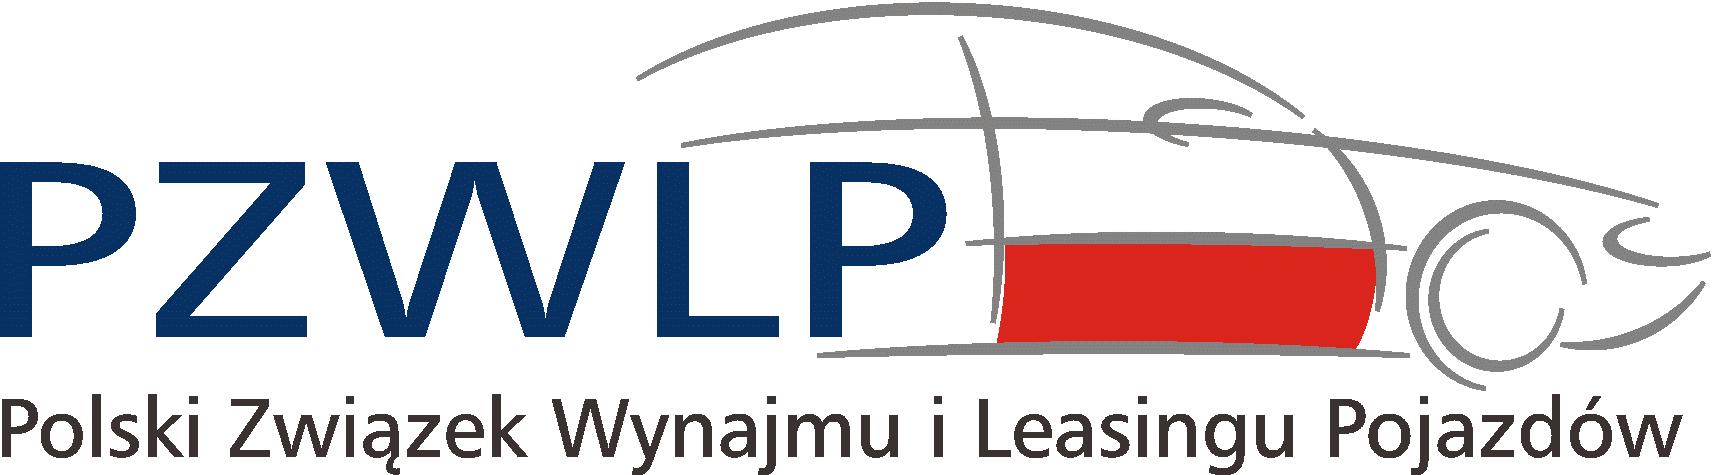 logo_PZWLP.png